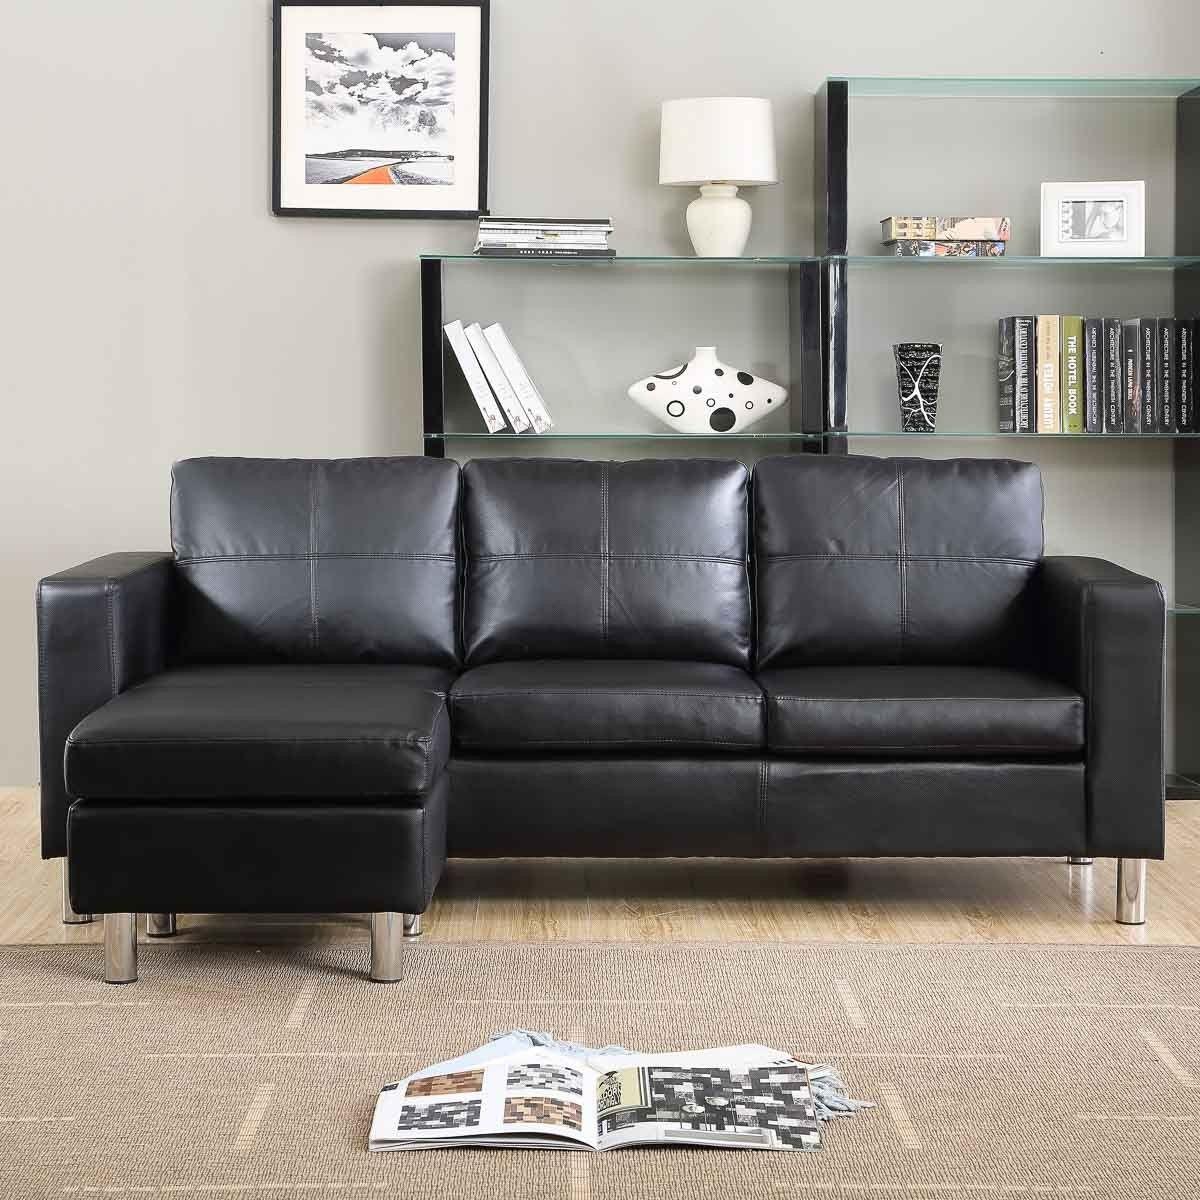 Divano angolare moderno ecopelle con pouf sofa reversibile bianco nero 3 posti a ebay - Divano bianco ecopelle ...